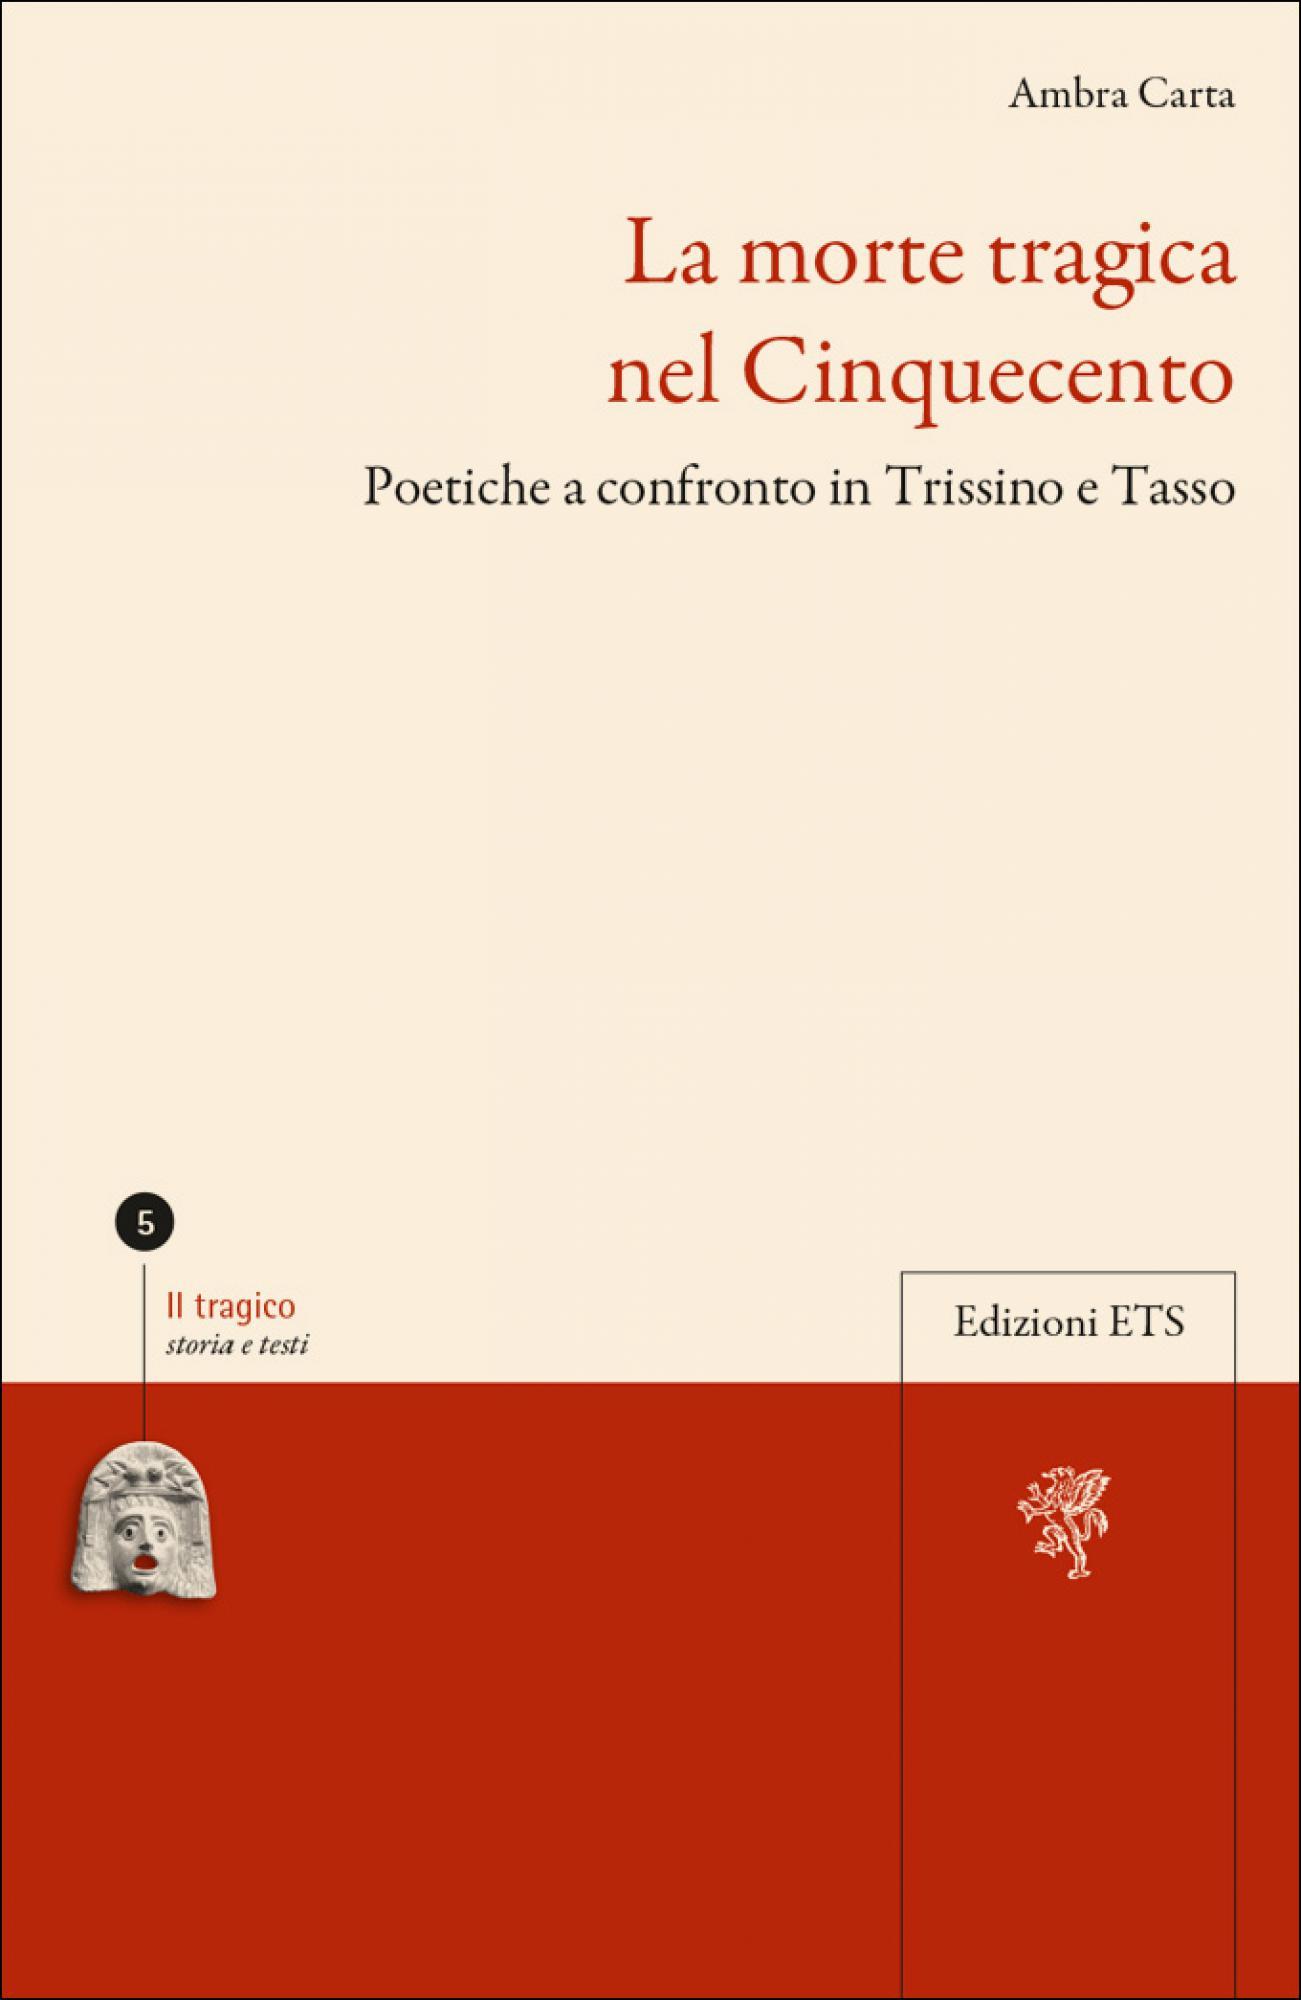 La morte tragica nel Cinquecento.Poetiche a confronto in Trissino e Tasso